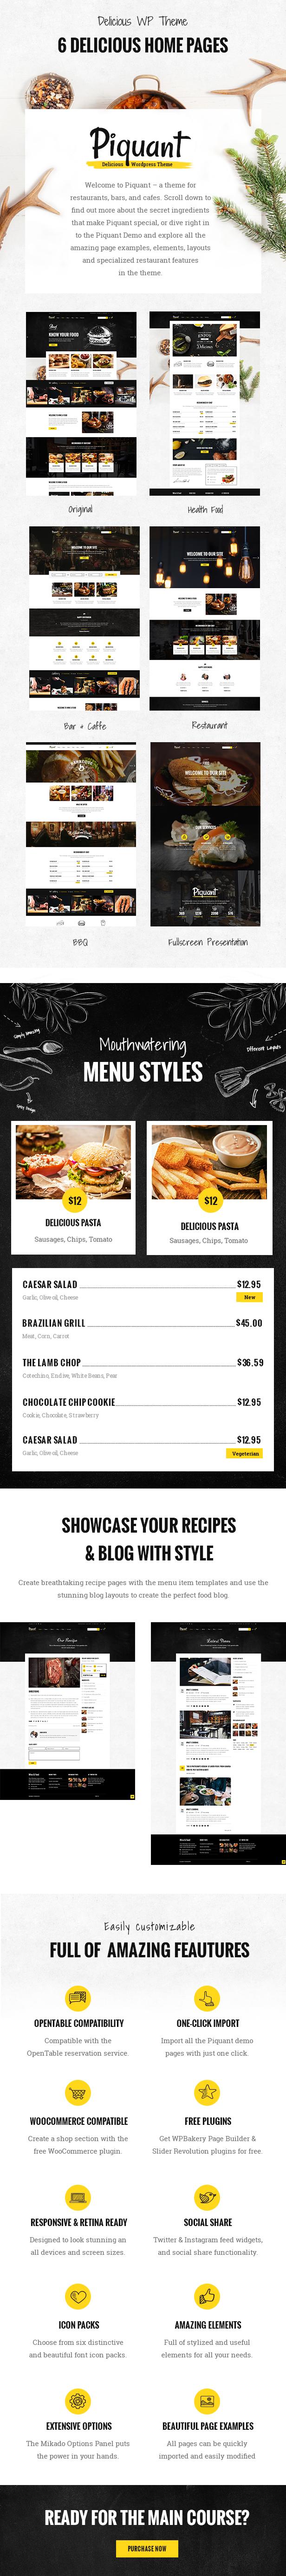 Piquant - Restaurant, Bar & Café Theme - 1 Piquant - Restaurant, Bar & Café Theme Nulled Free Download Piquant – Restaurant, Bar & Café Theme Nulled Free Download 01a